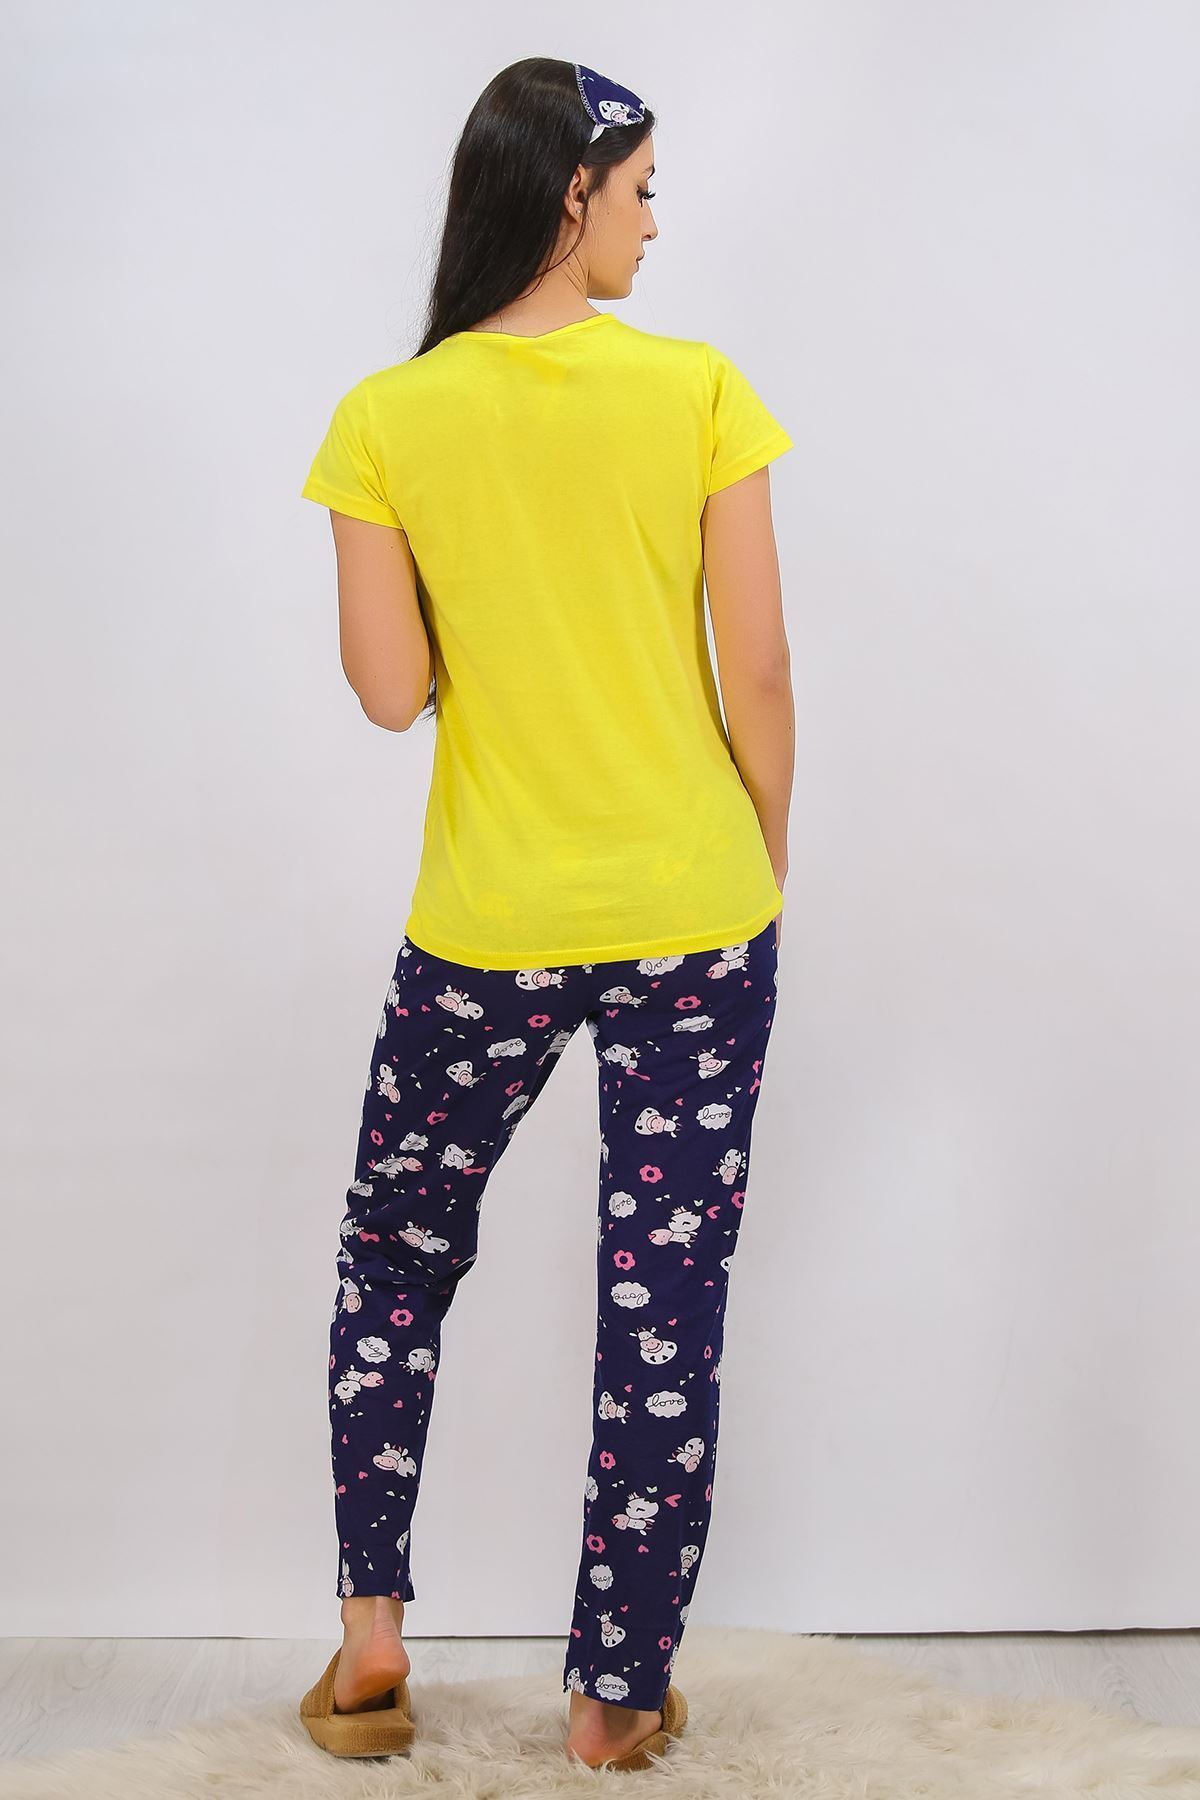 Baskılı Pijama Takımı Sarı - 4698.102.